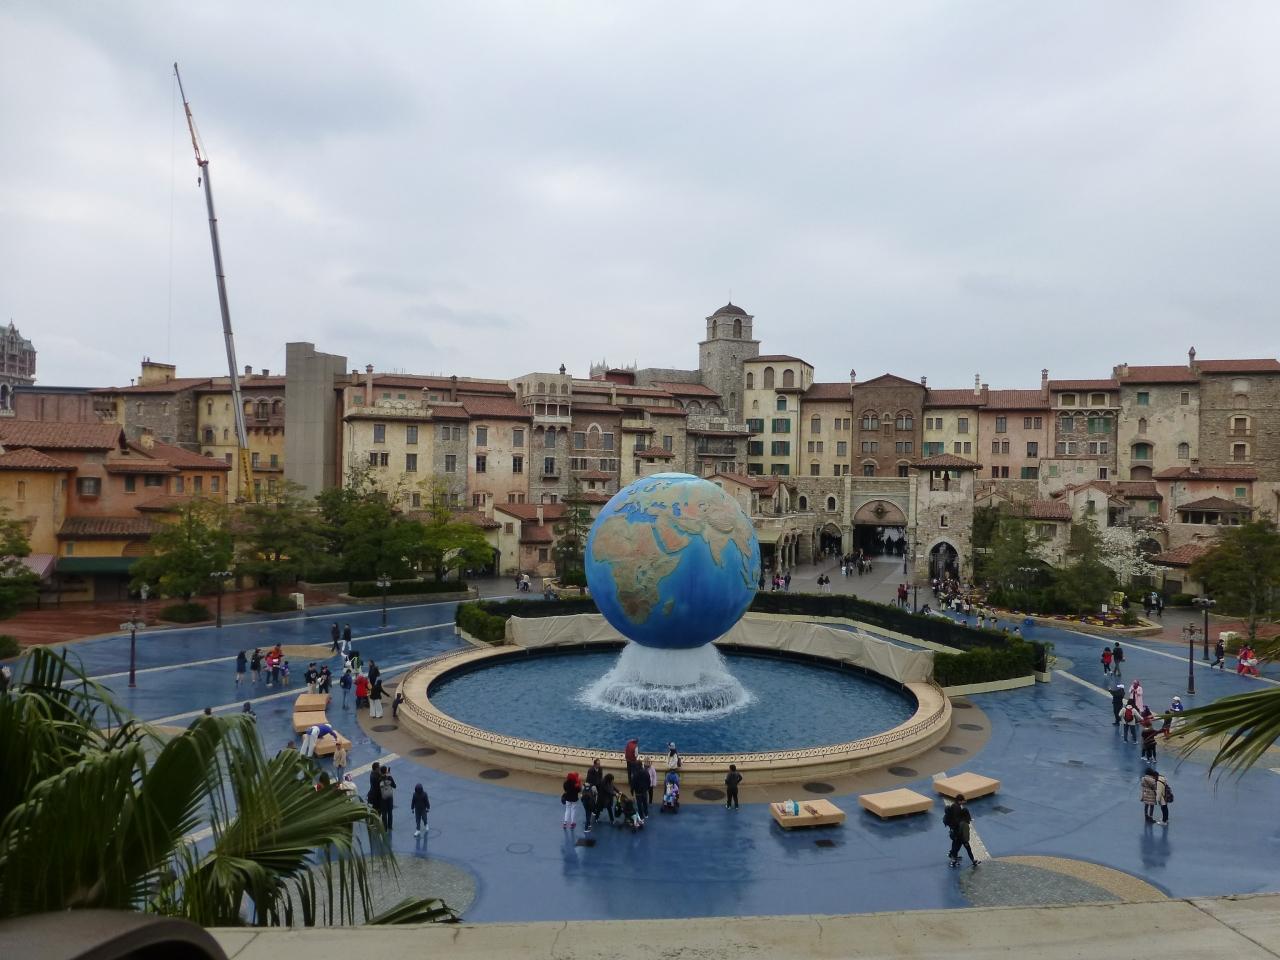 卒業旅行 IN TDR 1日目』東京ディズニーリゾート(千葉県)の旅行記